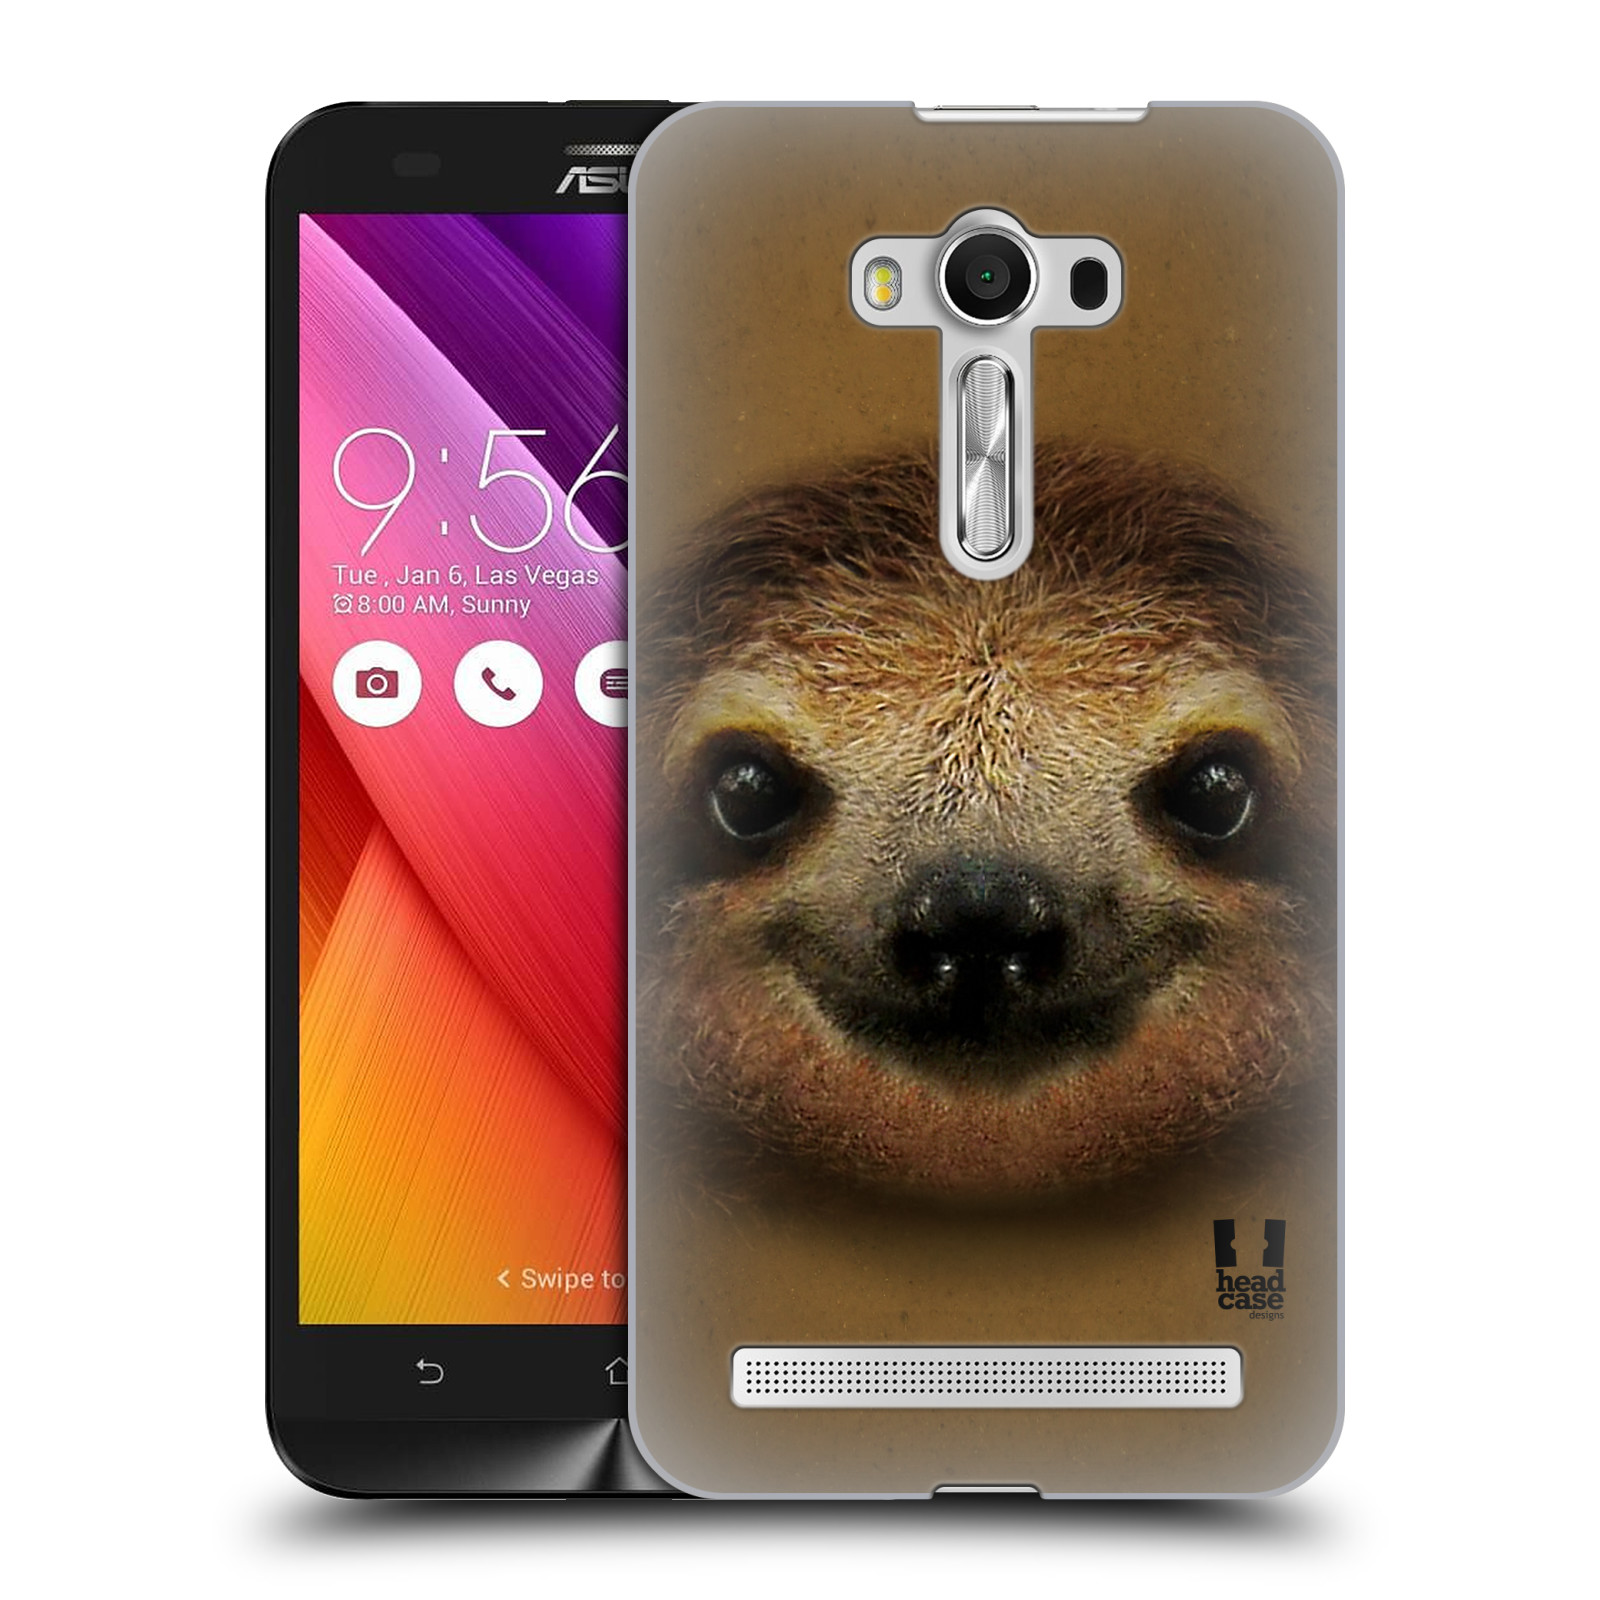 HEAD CASE plastový obal na mobil Asus Zenfone 2 LASER (5,5 displej ZE550KL) vzor Zvířecí tváře 2 lenochod